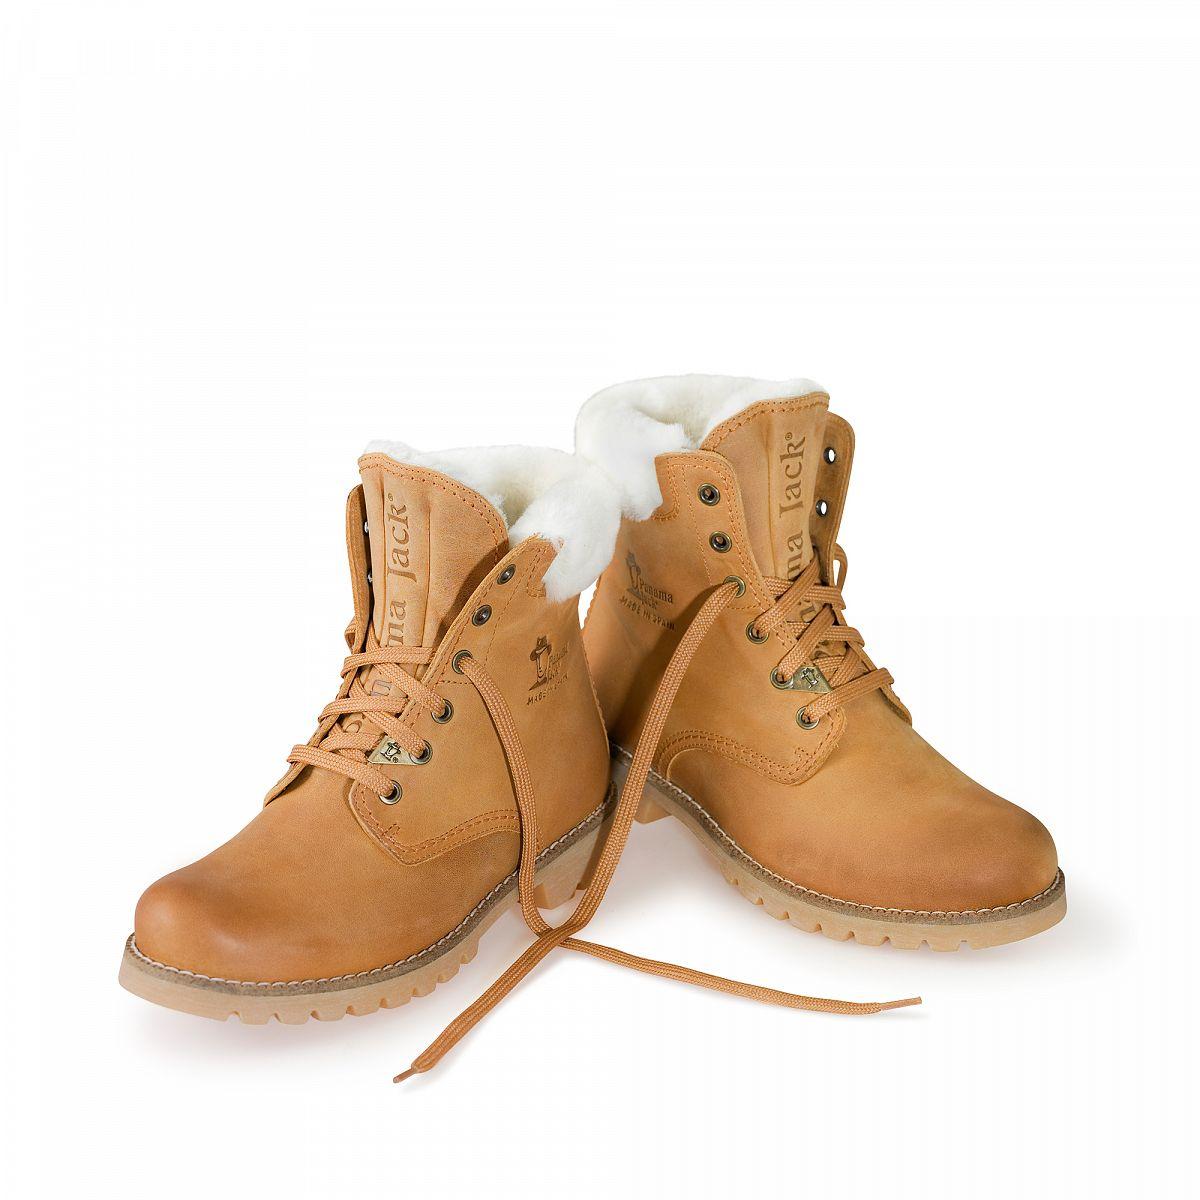 Chaussures Panama Jack Vintage Pour Les Femmes bhxgh